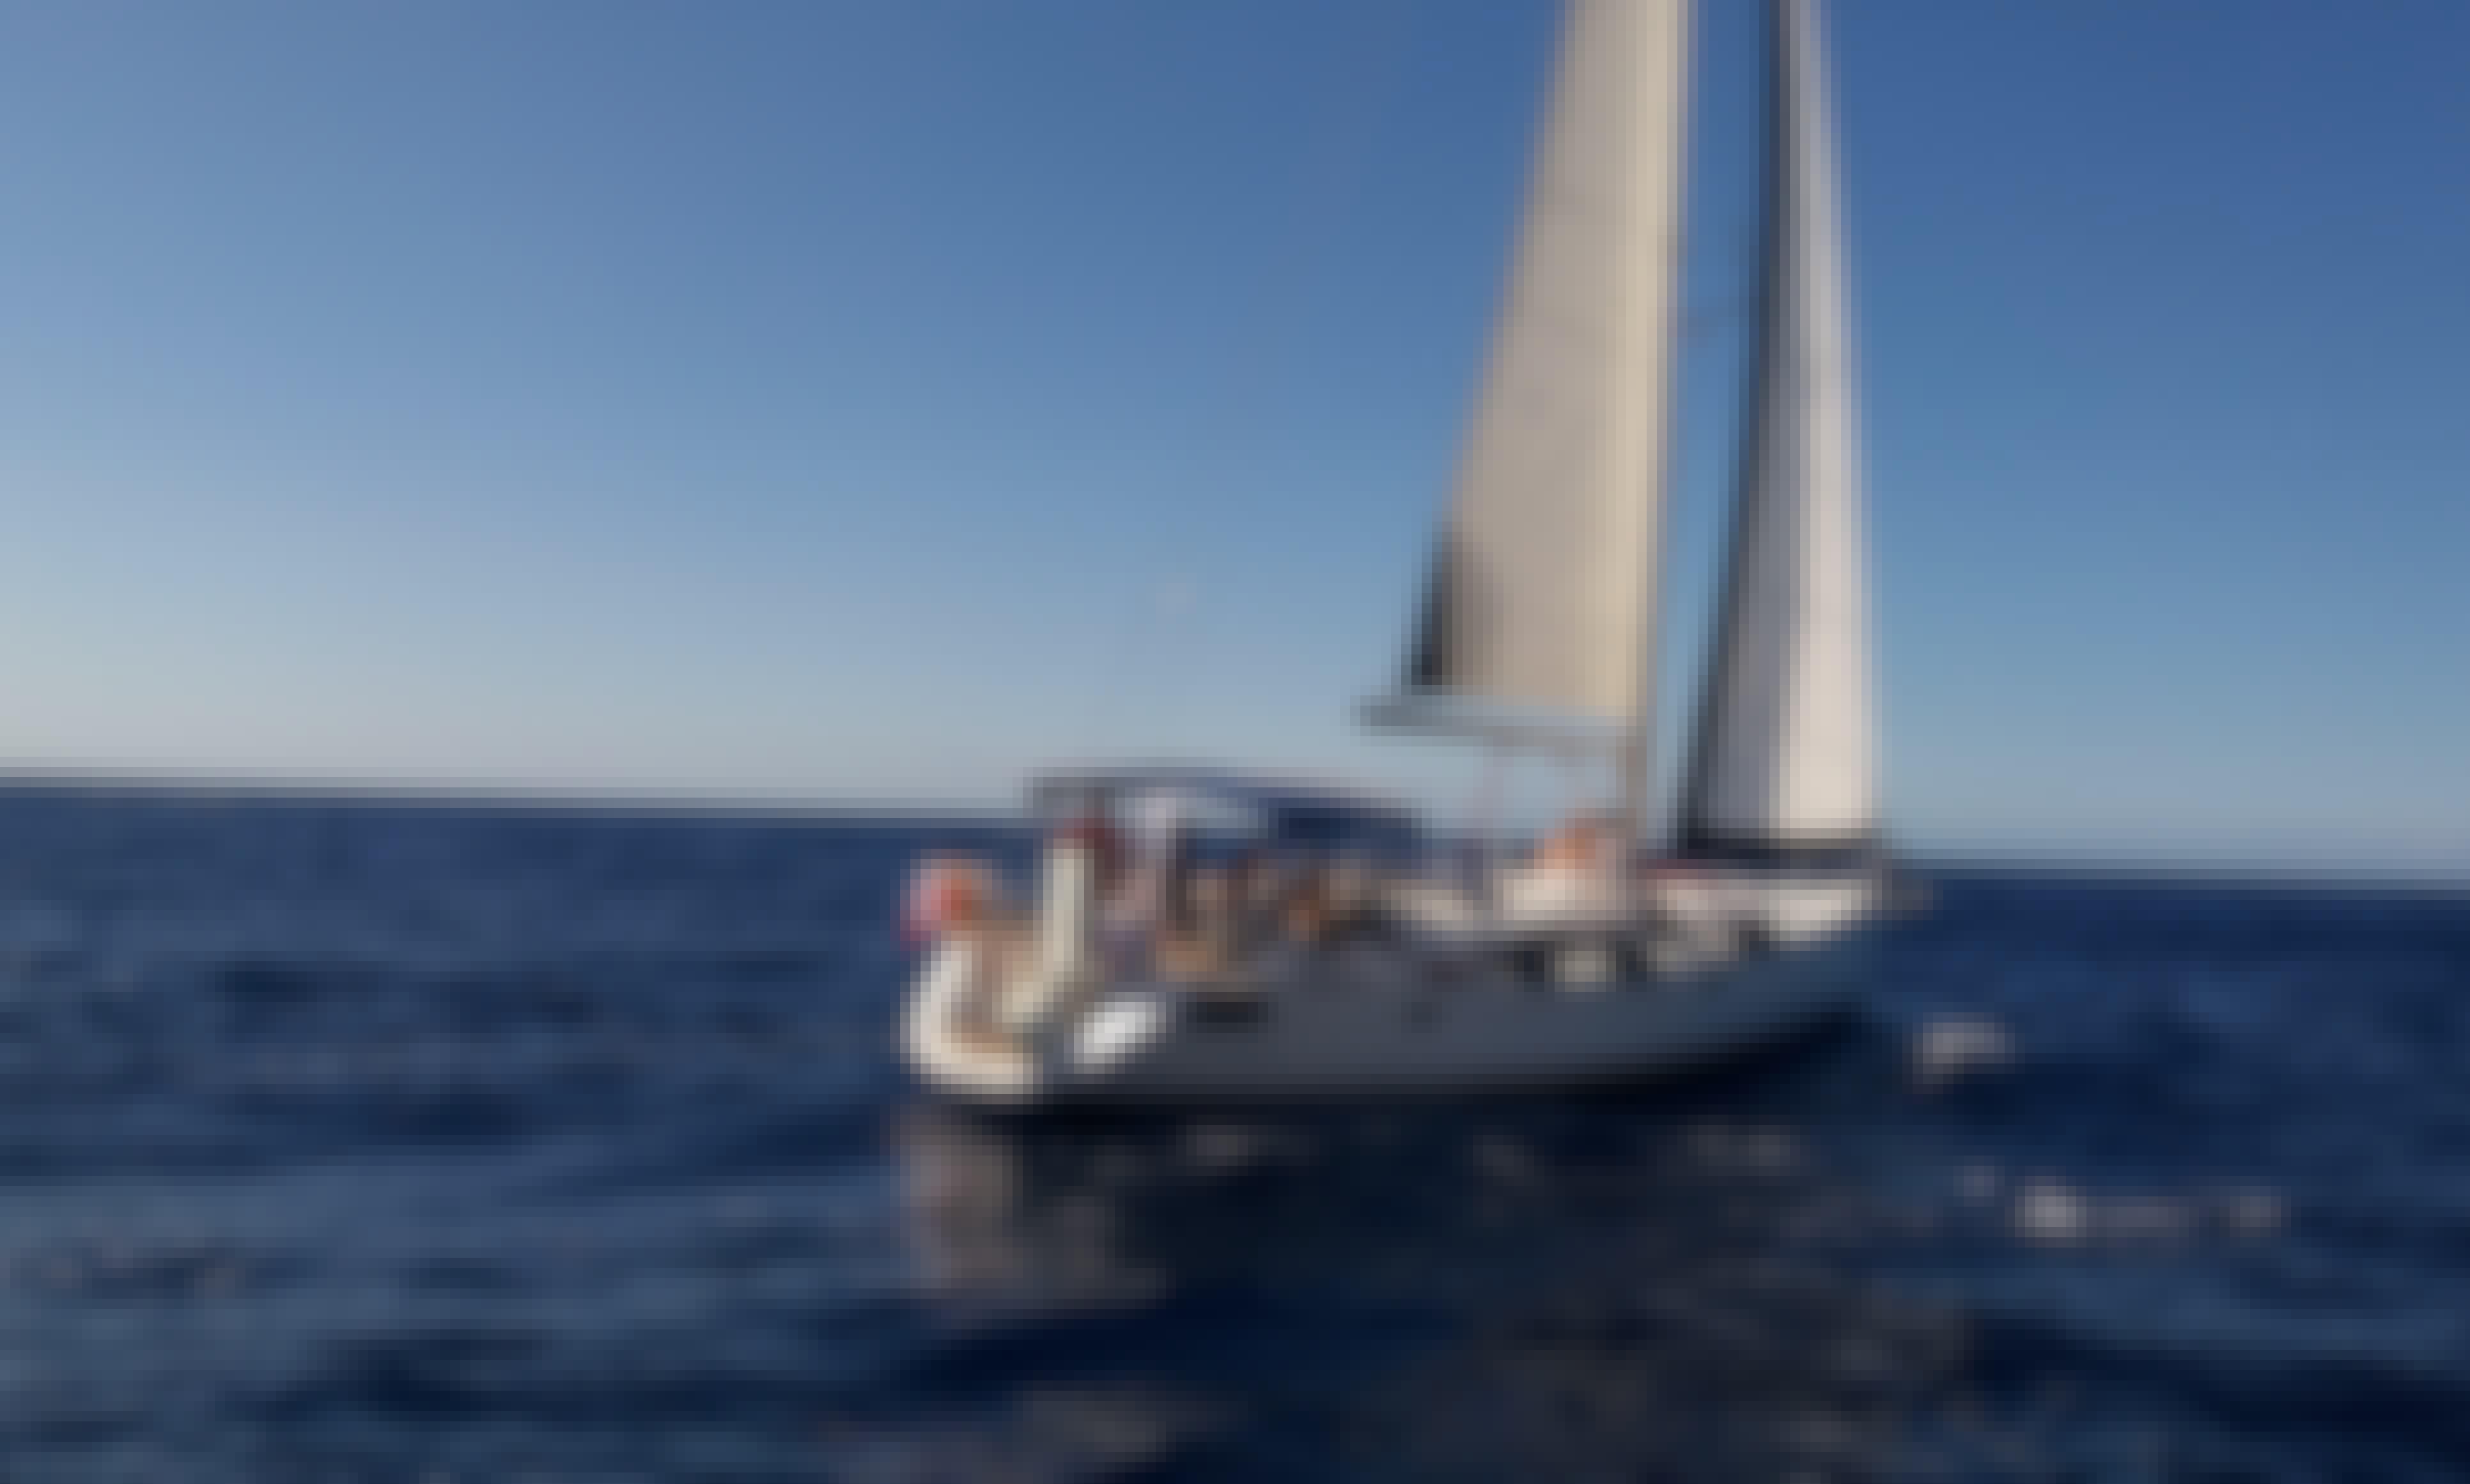 Sailboat in Gran Canaria / Canary Islands